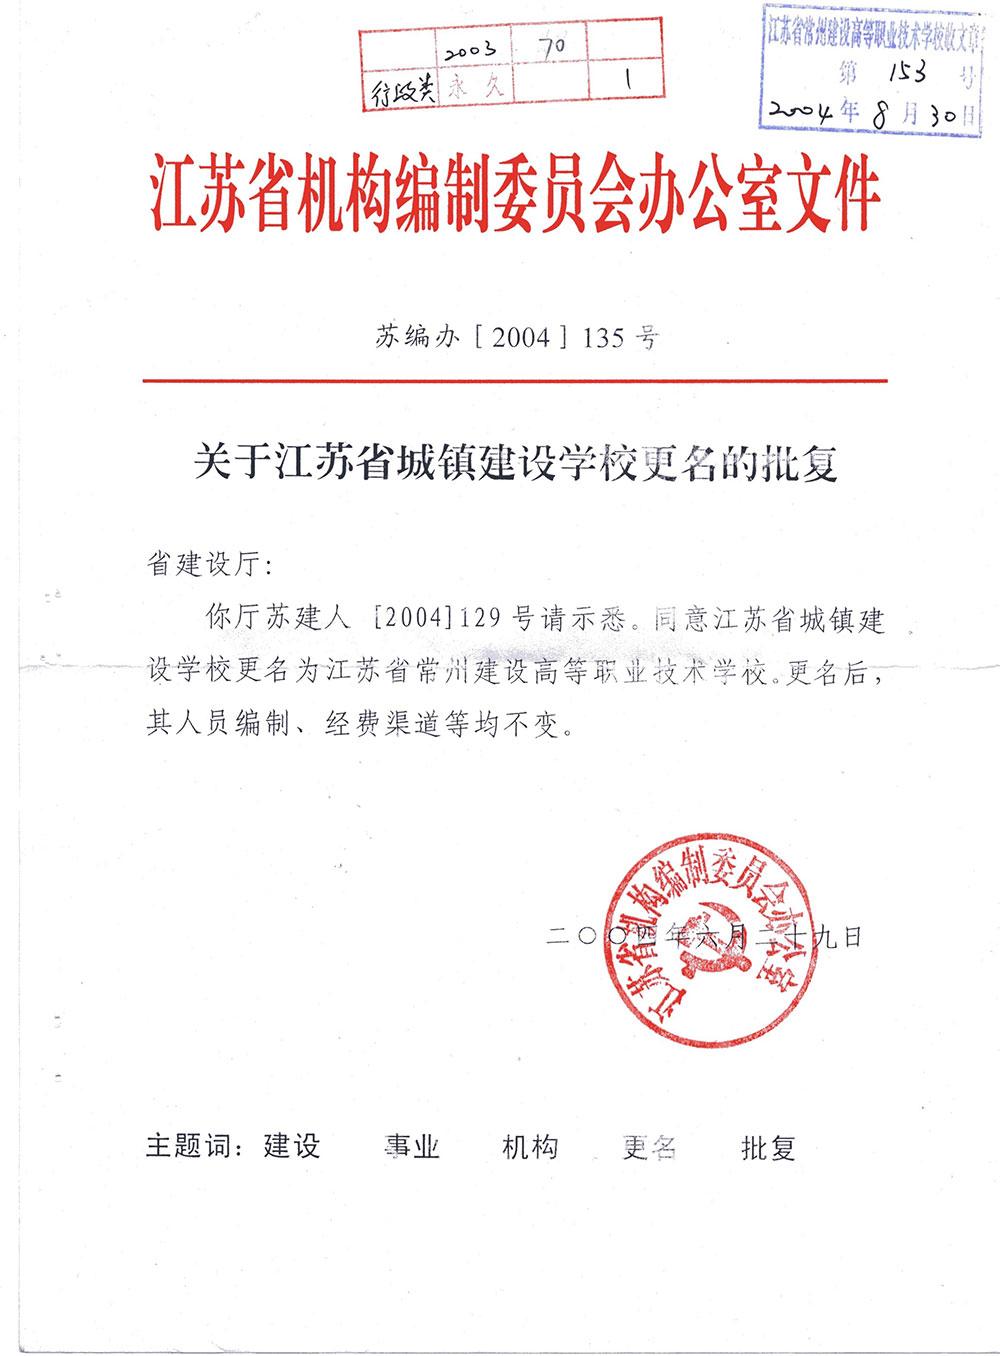 4-2004年6月29日学校更名常州建设高等职业技术学校批复(省编委)